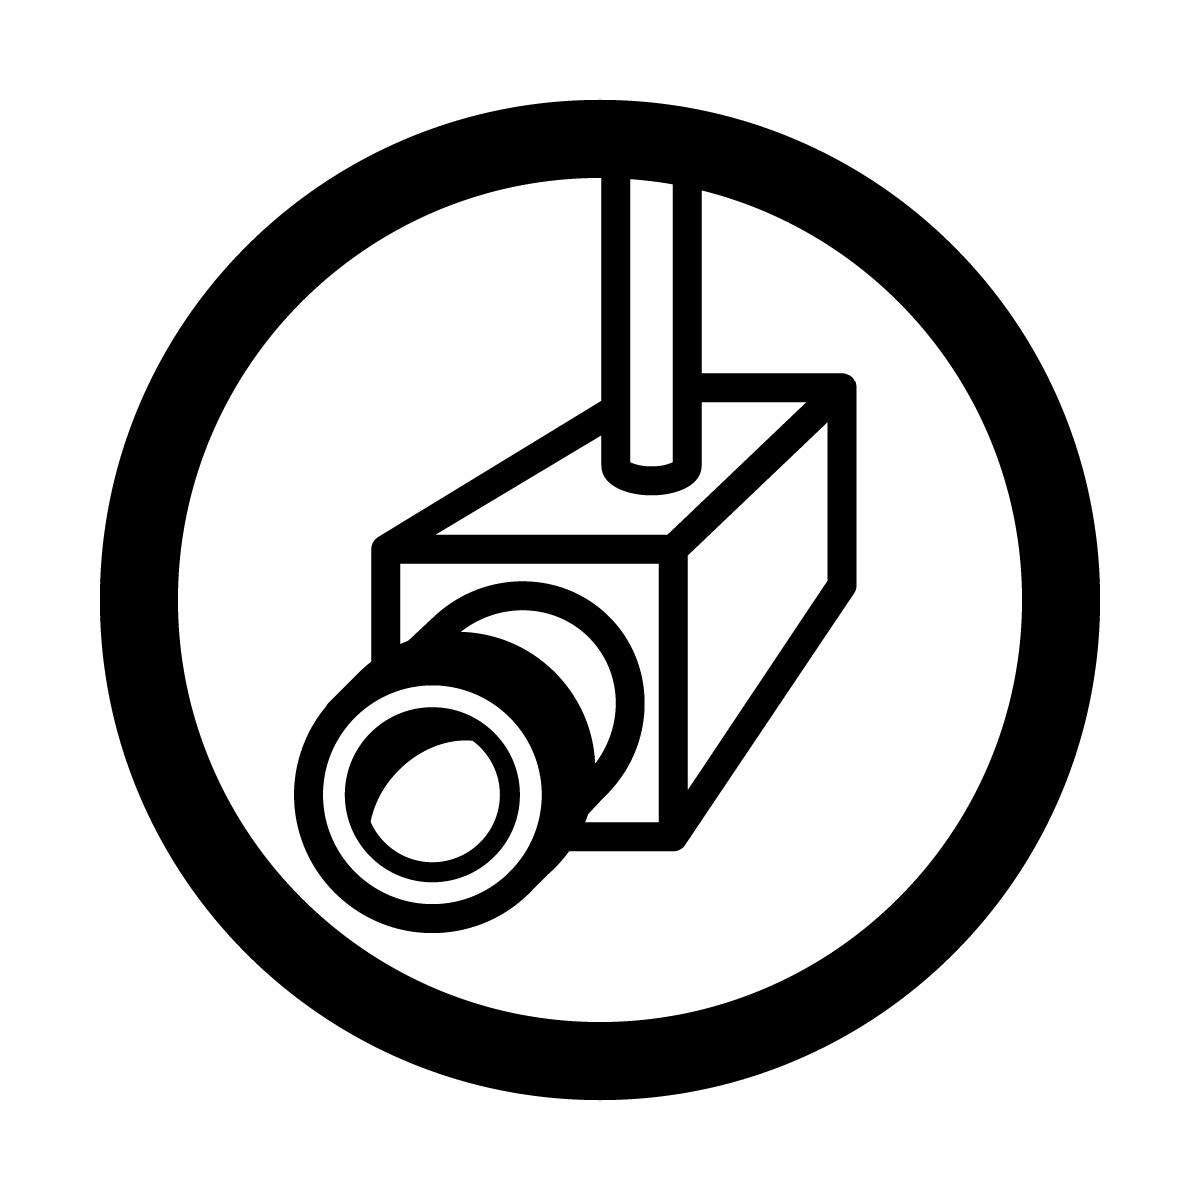 黒色の防犯カメラ・撮影中・録画中・万引き対策マークのカッティングステッカー・シール 光沢タイプ・防水・耐水・屋外耐候3~4年